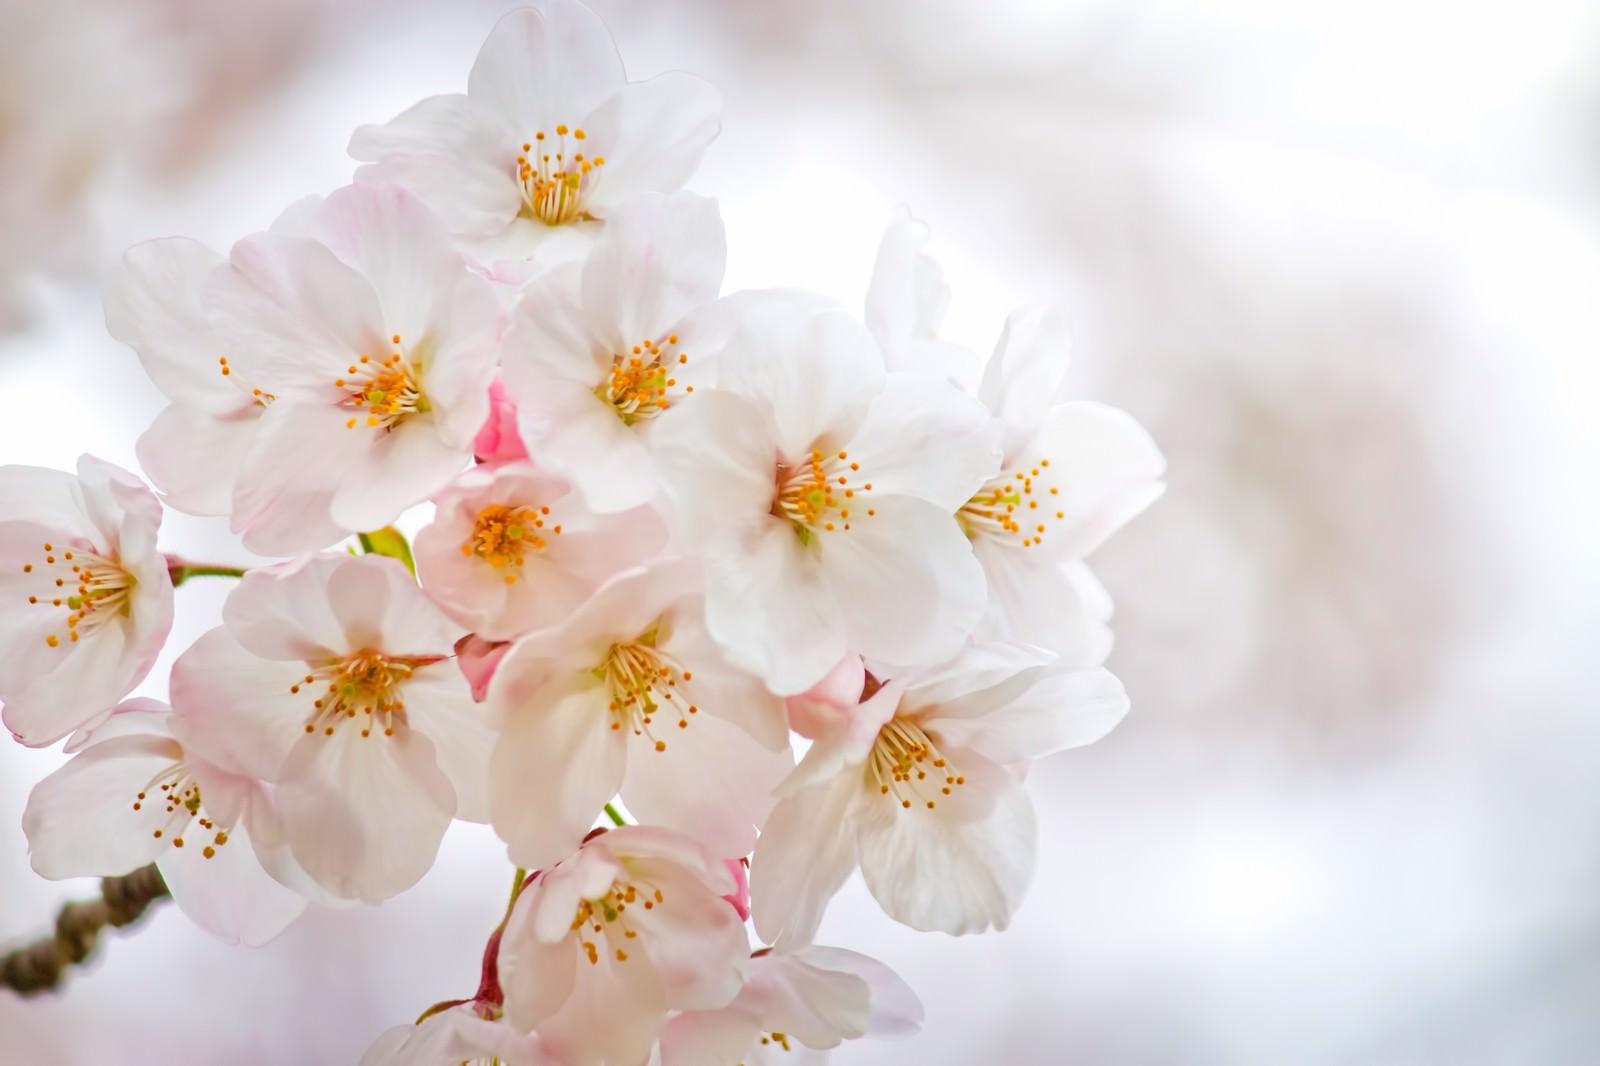 「白い花びらと満開の桜」の写真